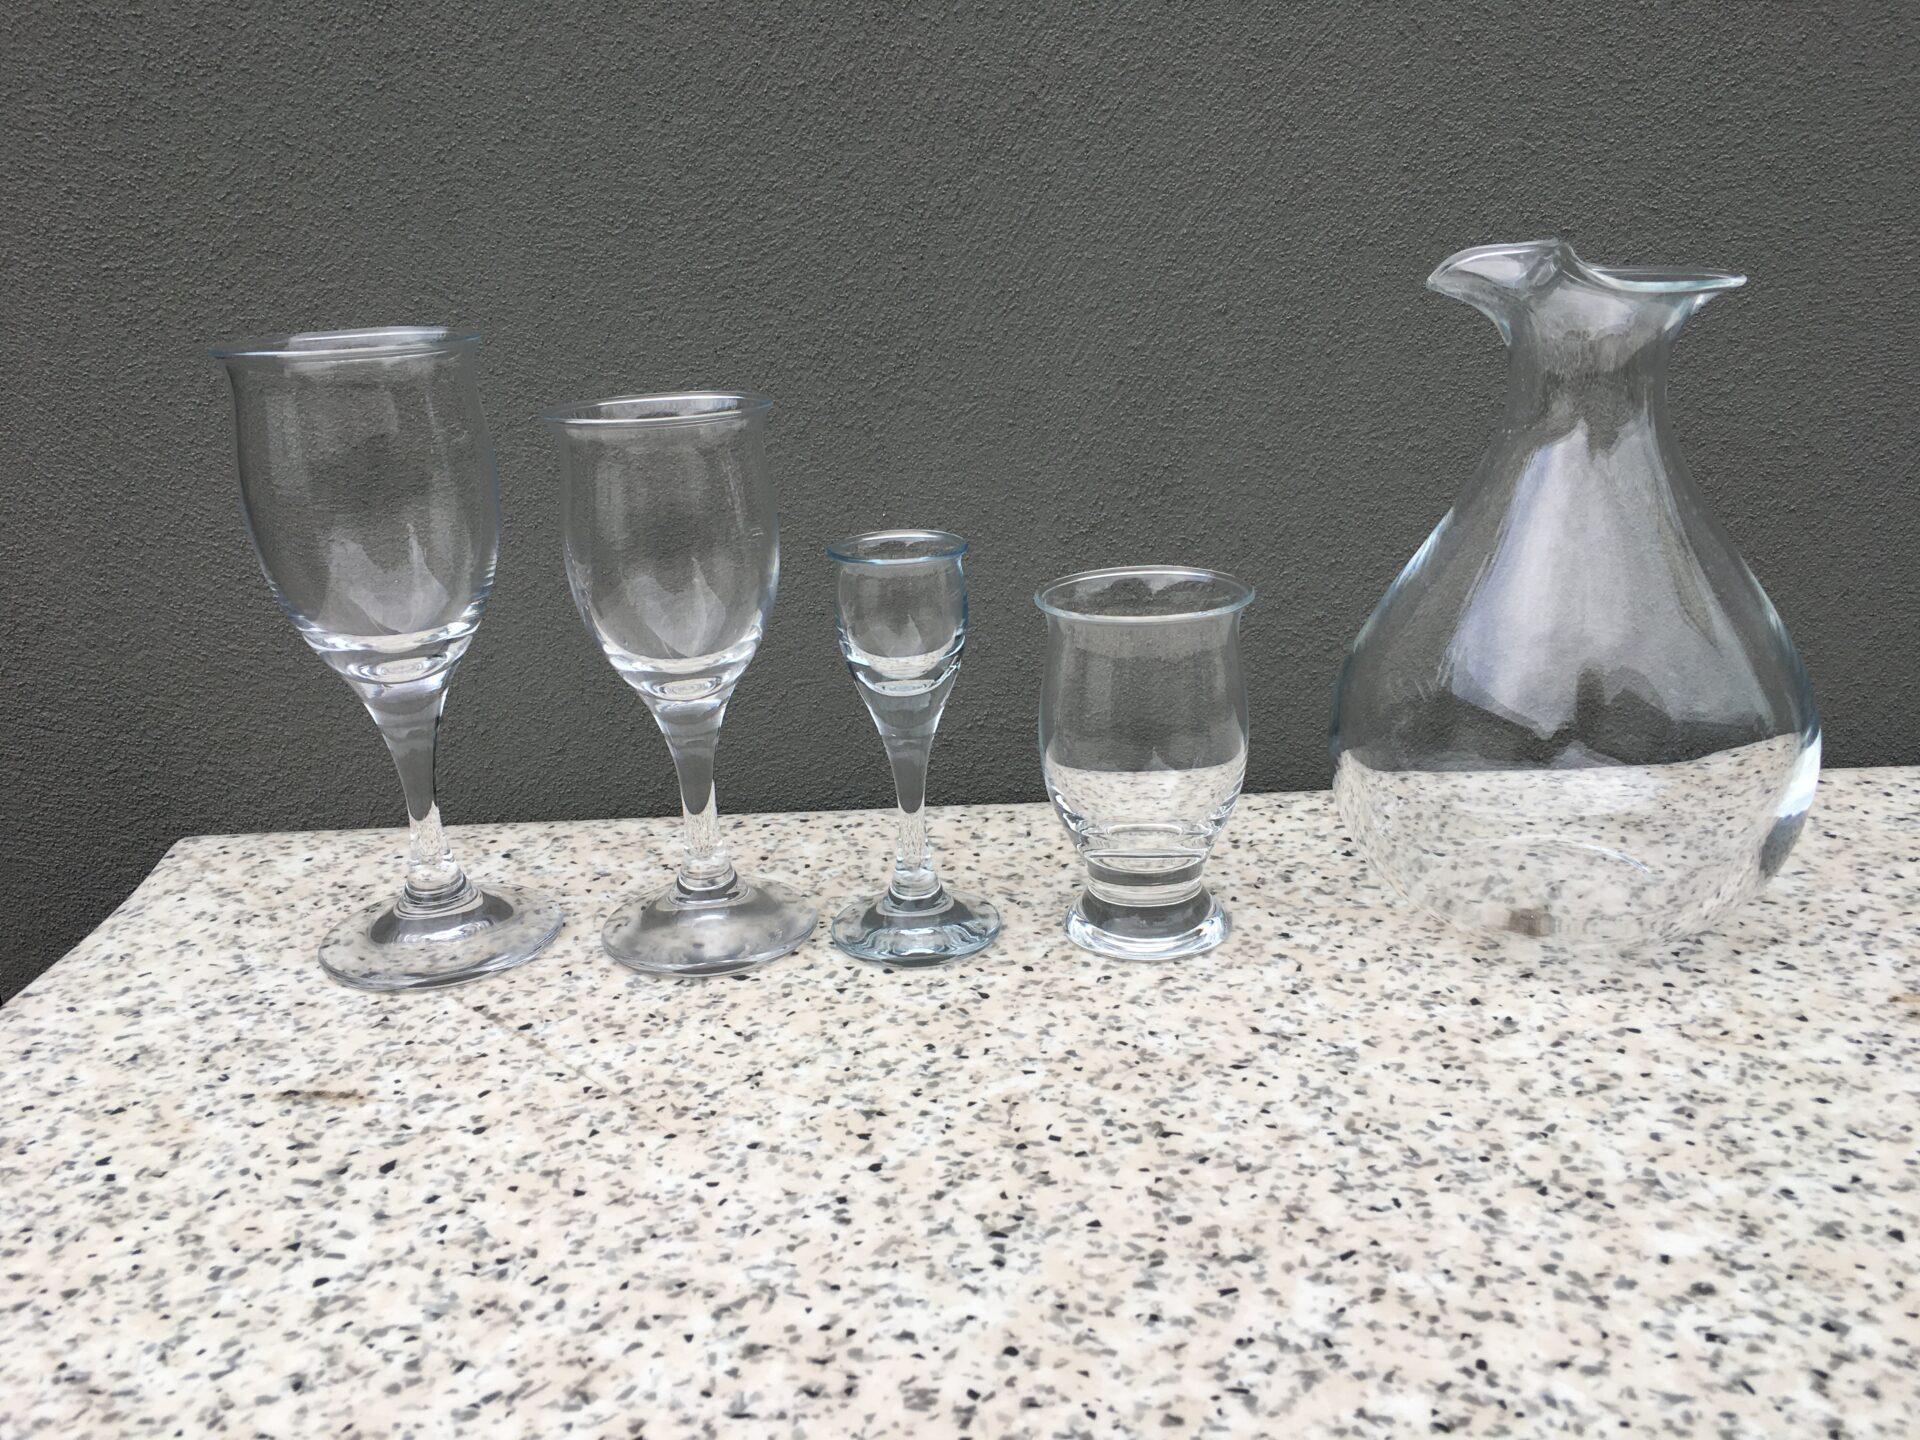 Holmegaard Idelle, rødvin og hvidvin pr stk 75 kr.Snaps og vand pr. stk 50 kr. Fremstår som ubrugt